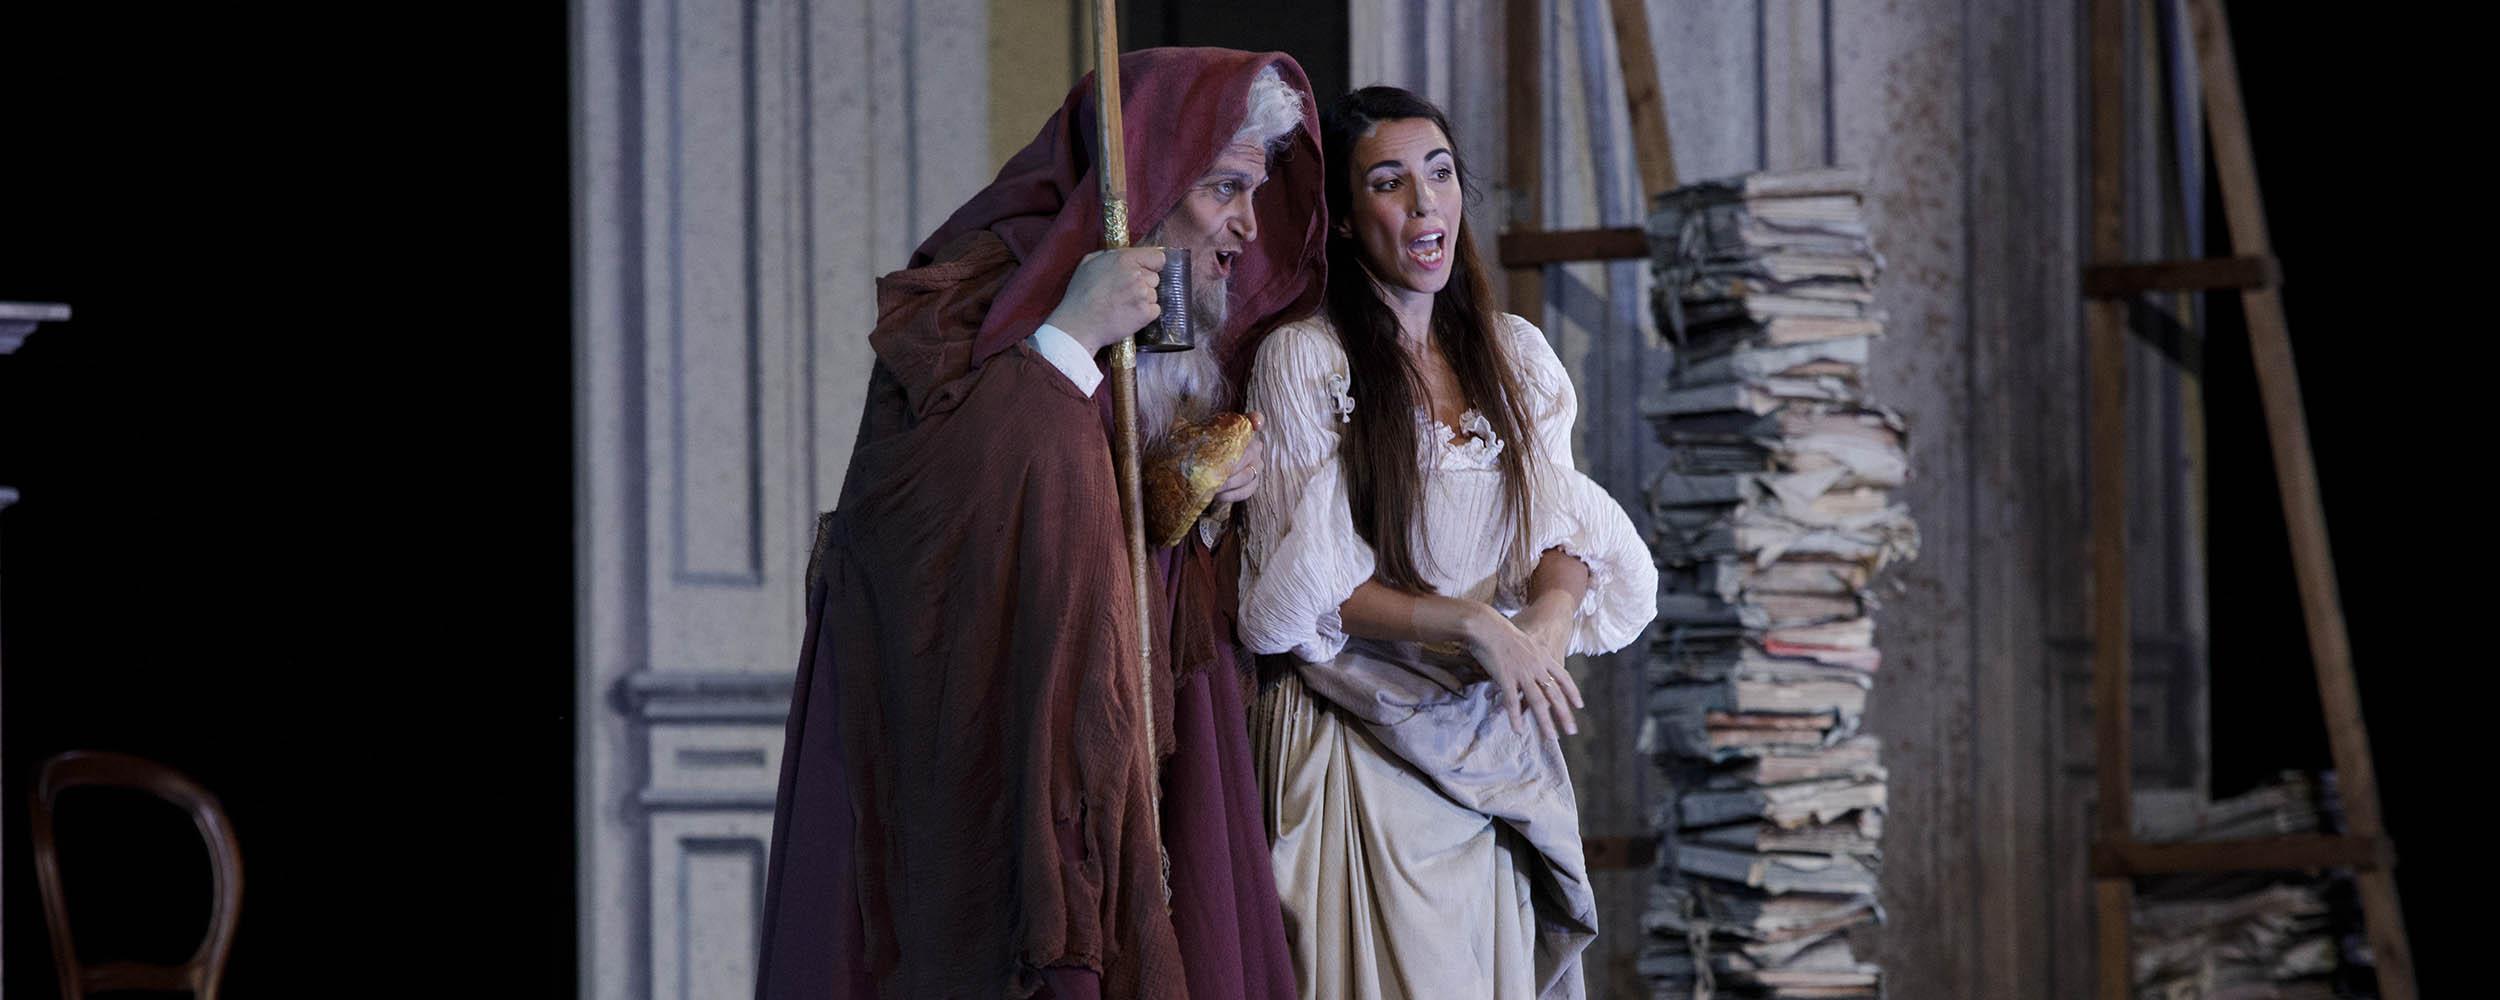 d508e749ba1c LA CENERENTOLA - FIRENZE - Gioacchino Rossini